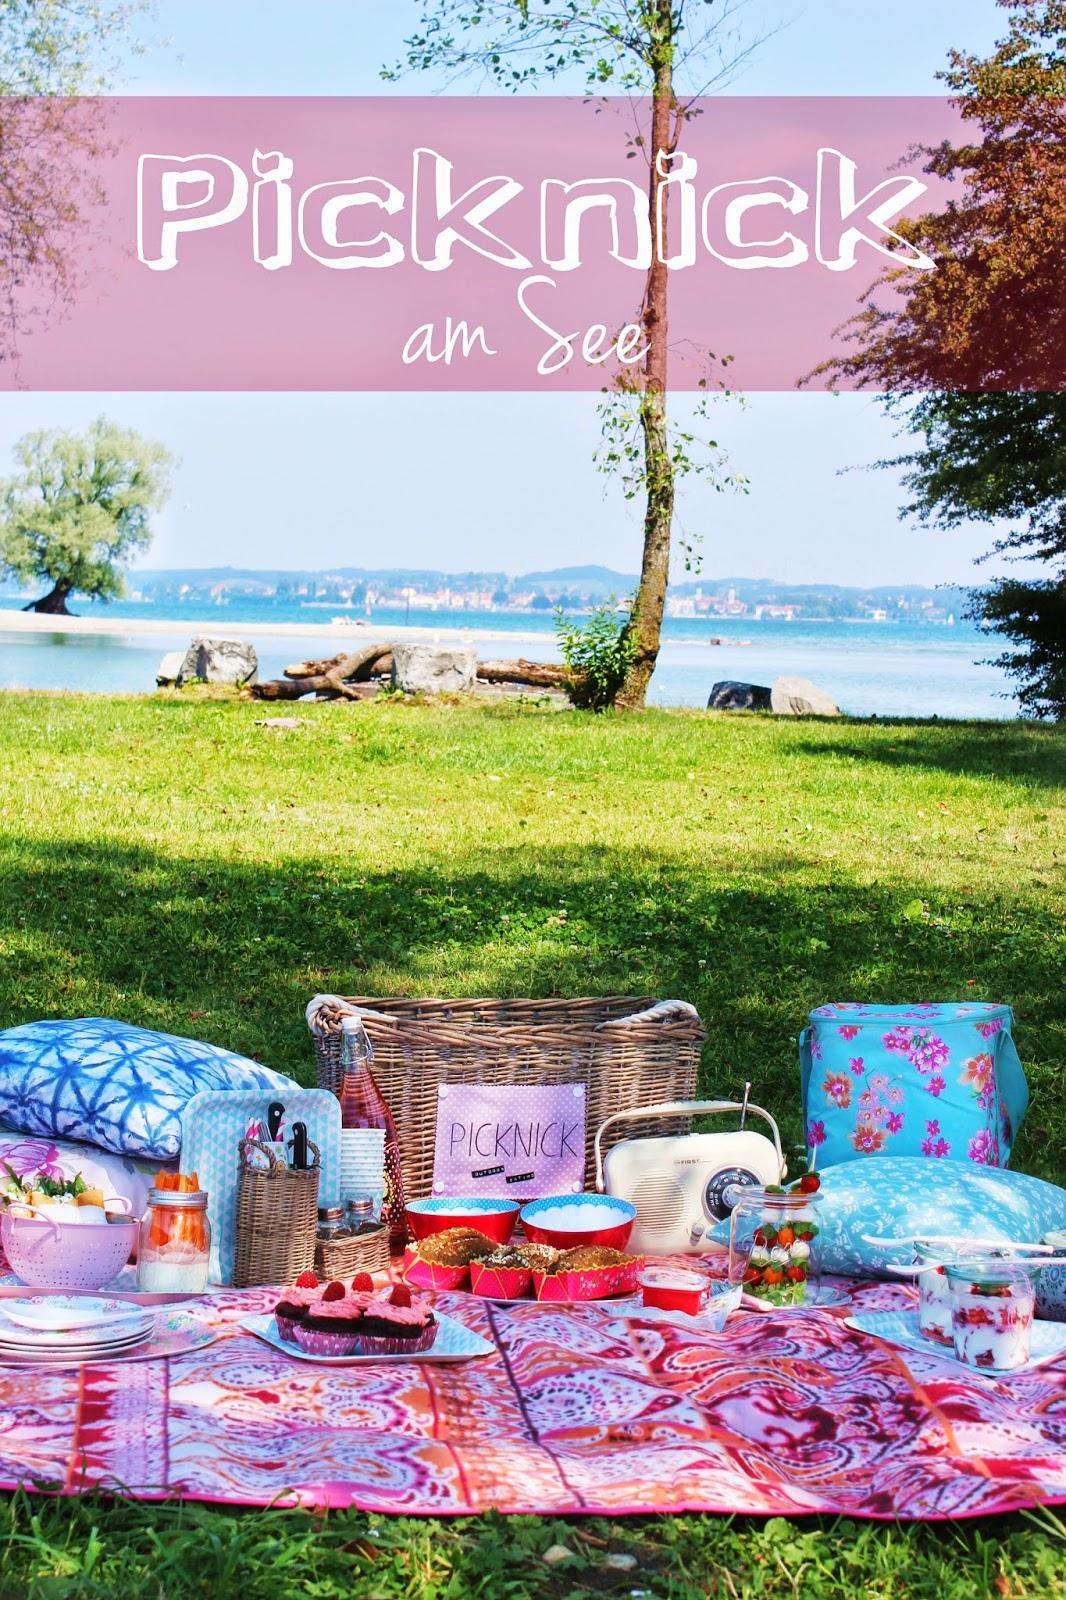 s 39 bastelkistle diy picknickkorb picknick am bodensee einfach herrlich. Black Bedroom Furniture Sets. Home Design Ideas